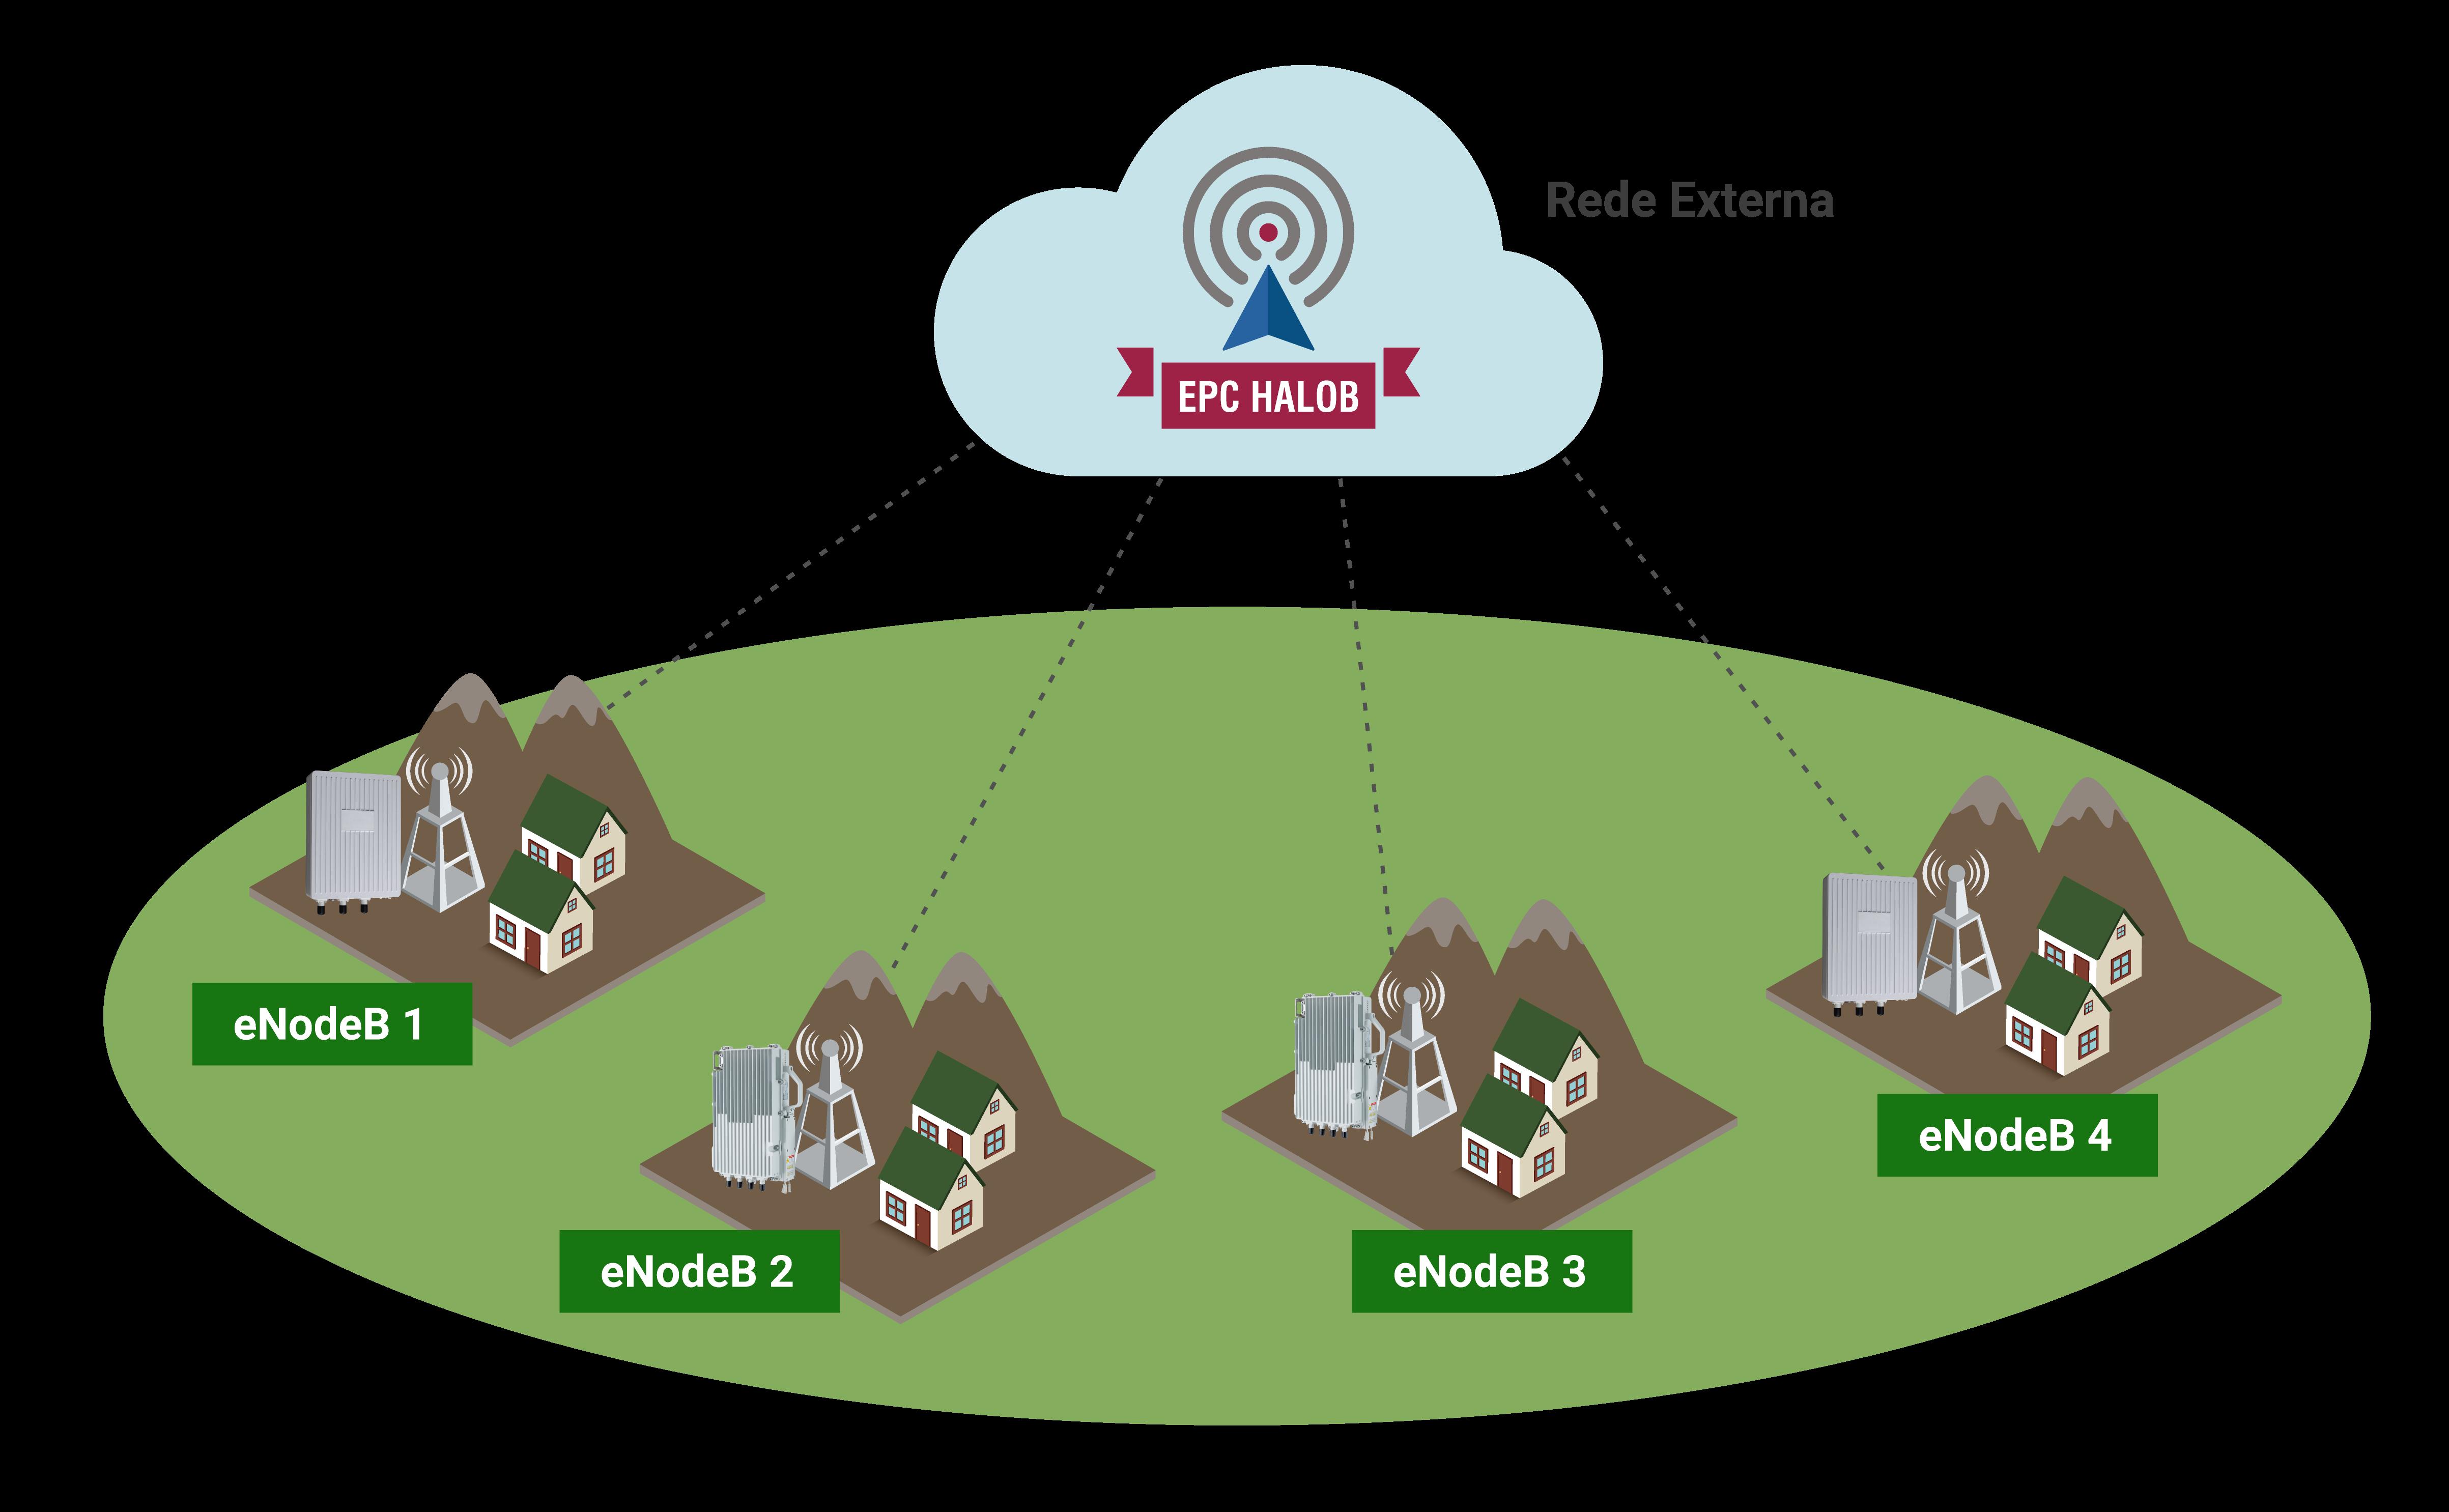 Modelo de aplicação EPC HaloB